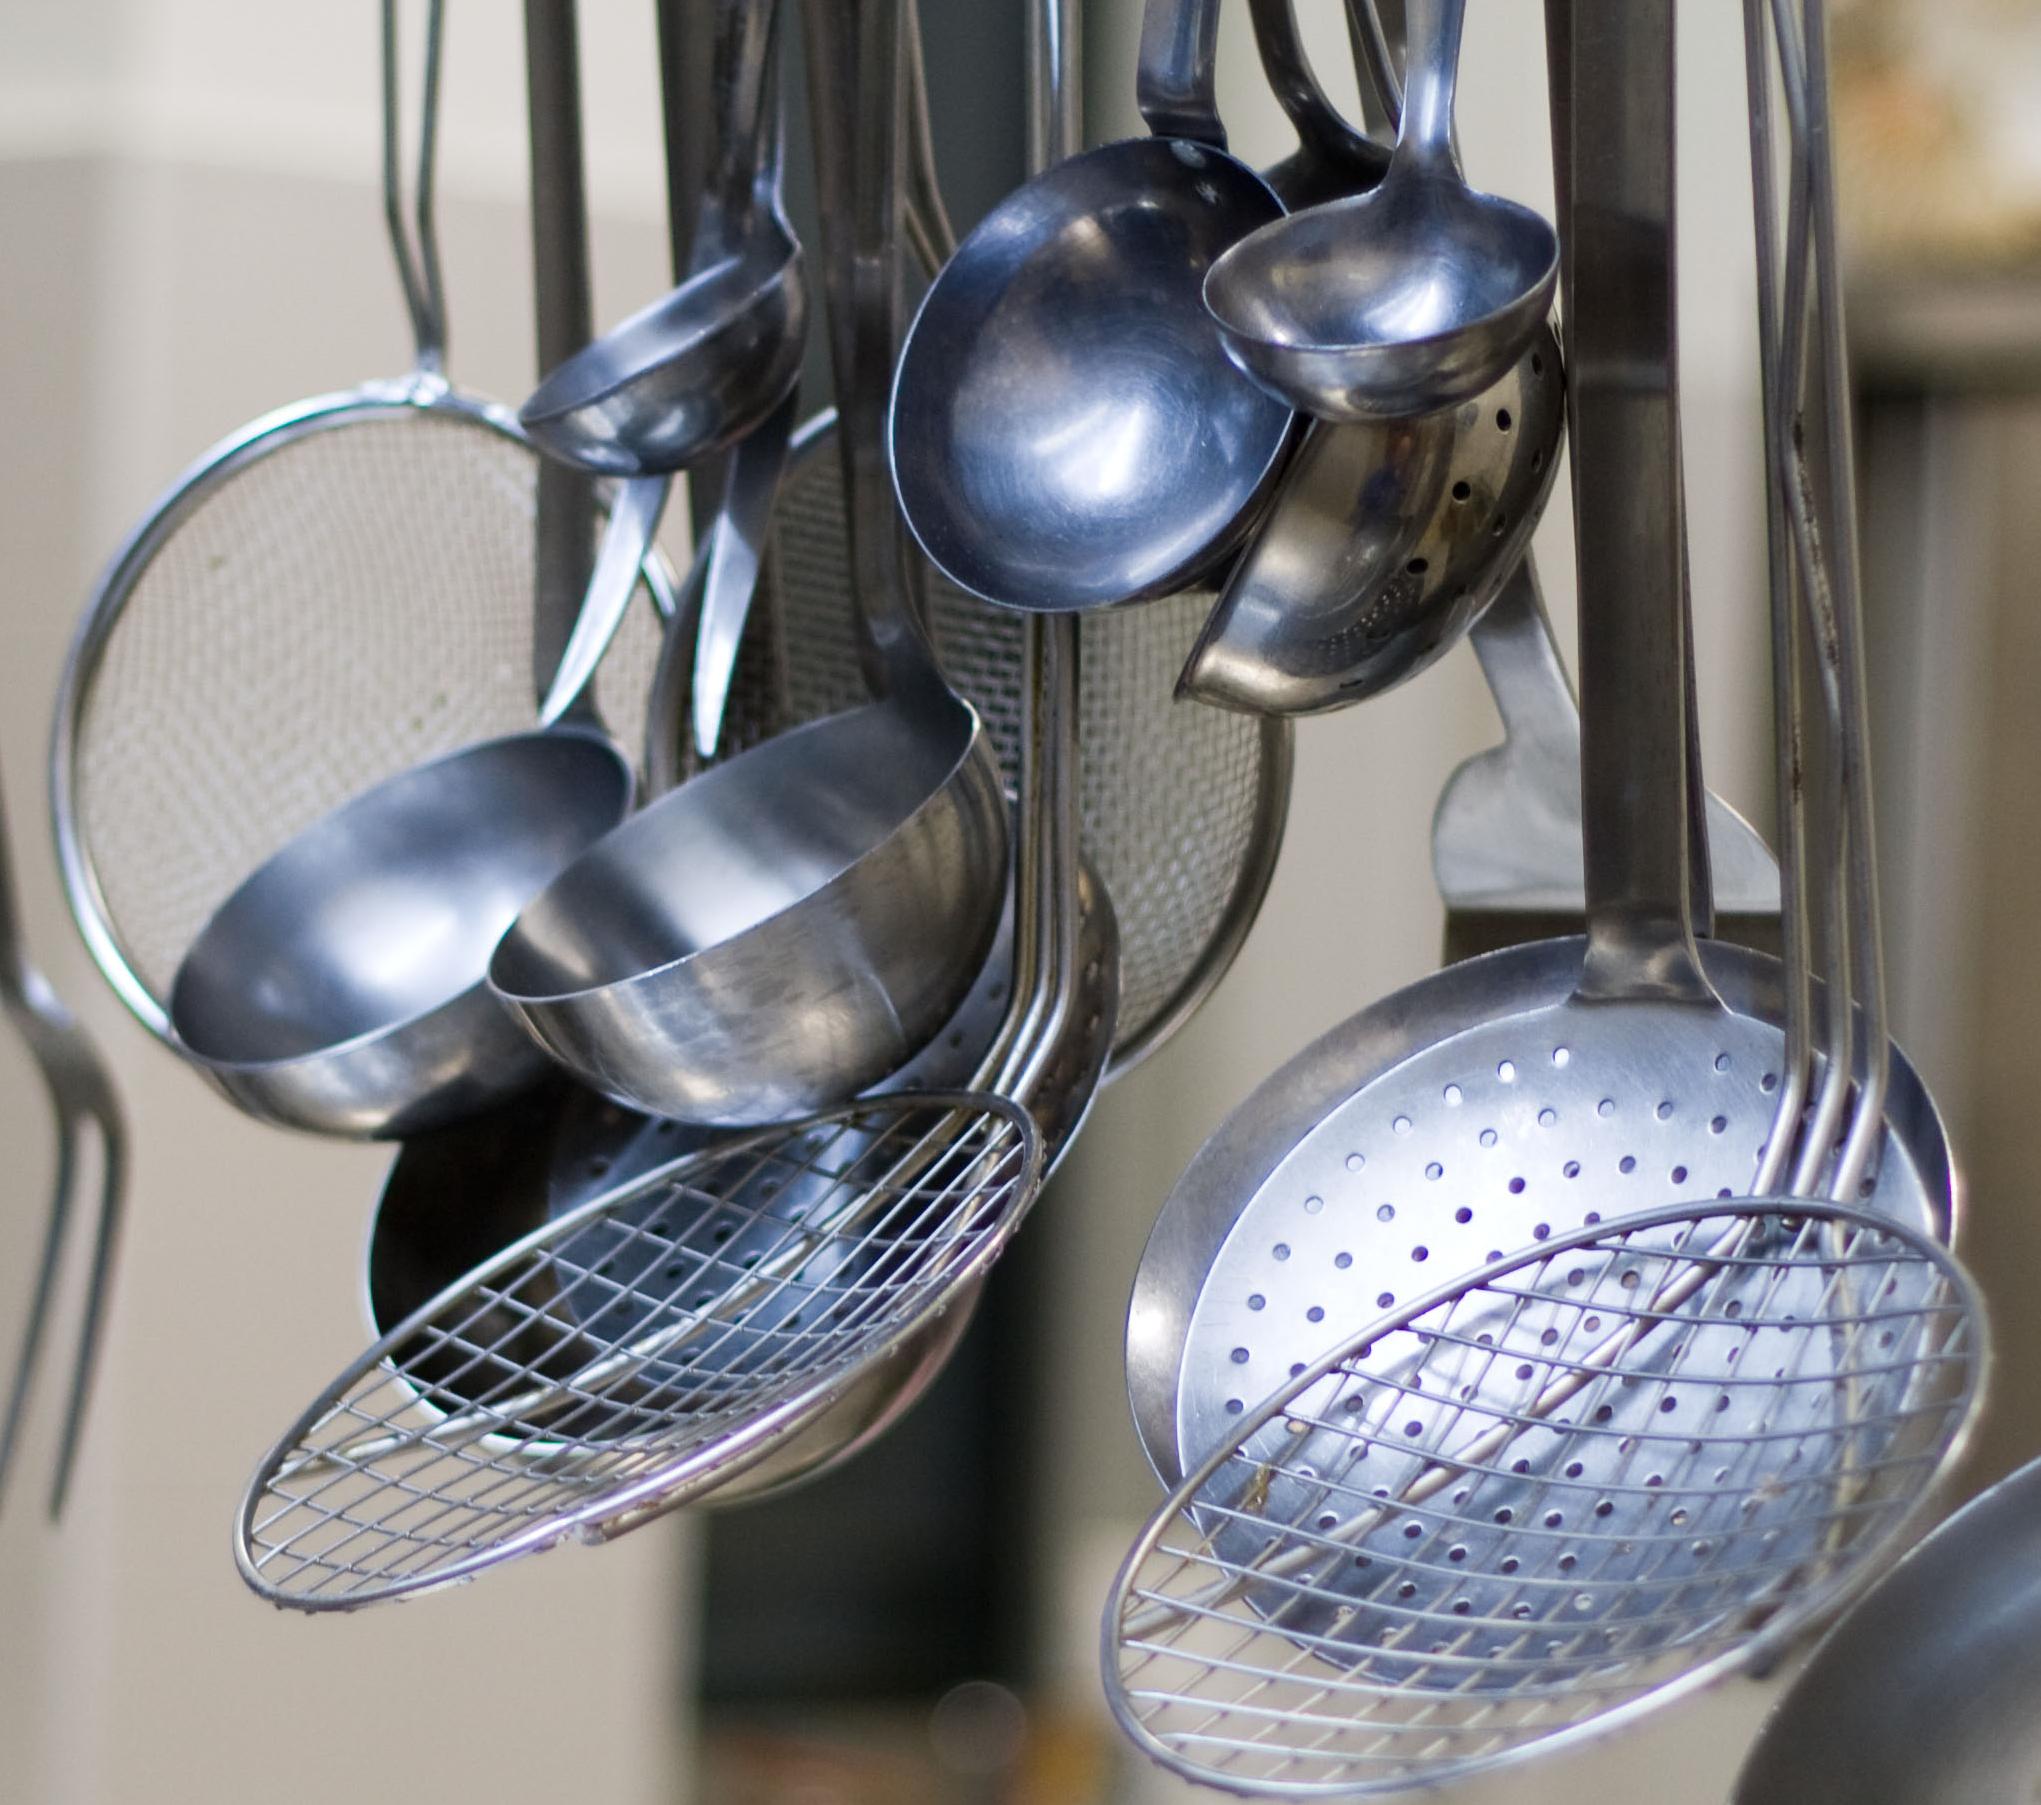 Cooking Utensils & Gadgets